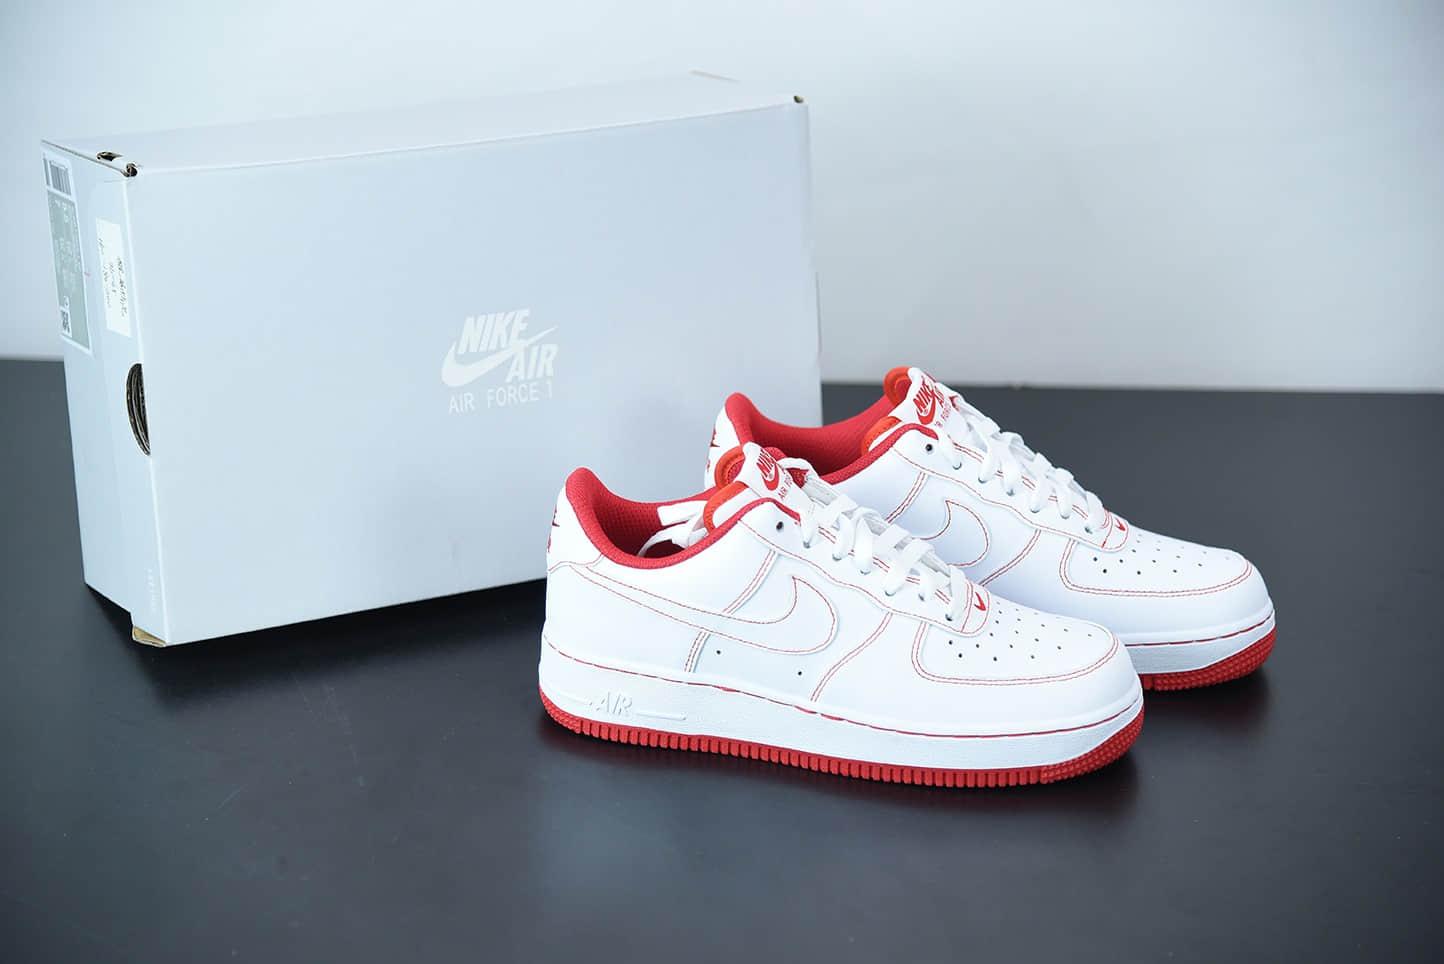 耐克 Nike Air Force 1 Low 白红线条空军一号低帮百搭休闲运动板鞋纯原版本 货号:CV1724-100